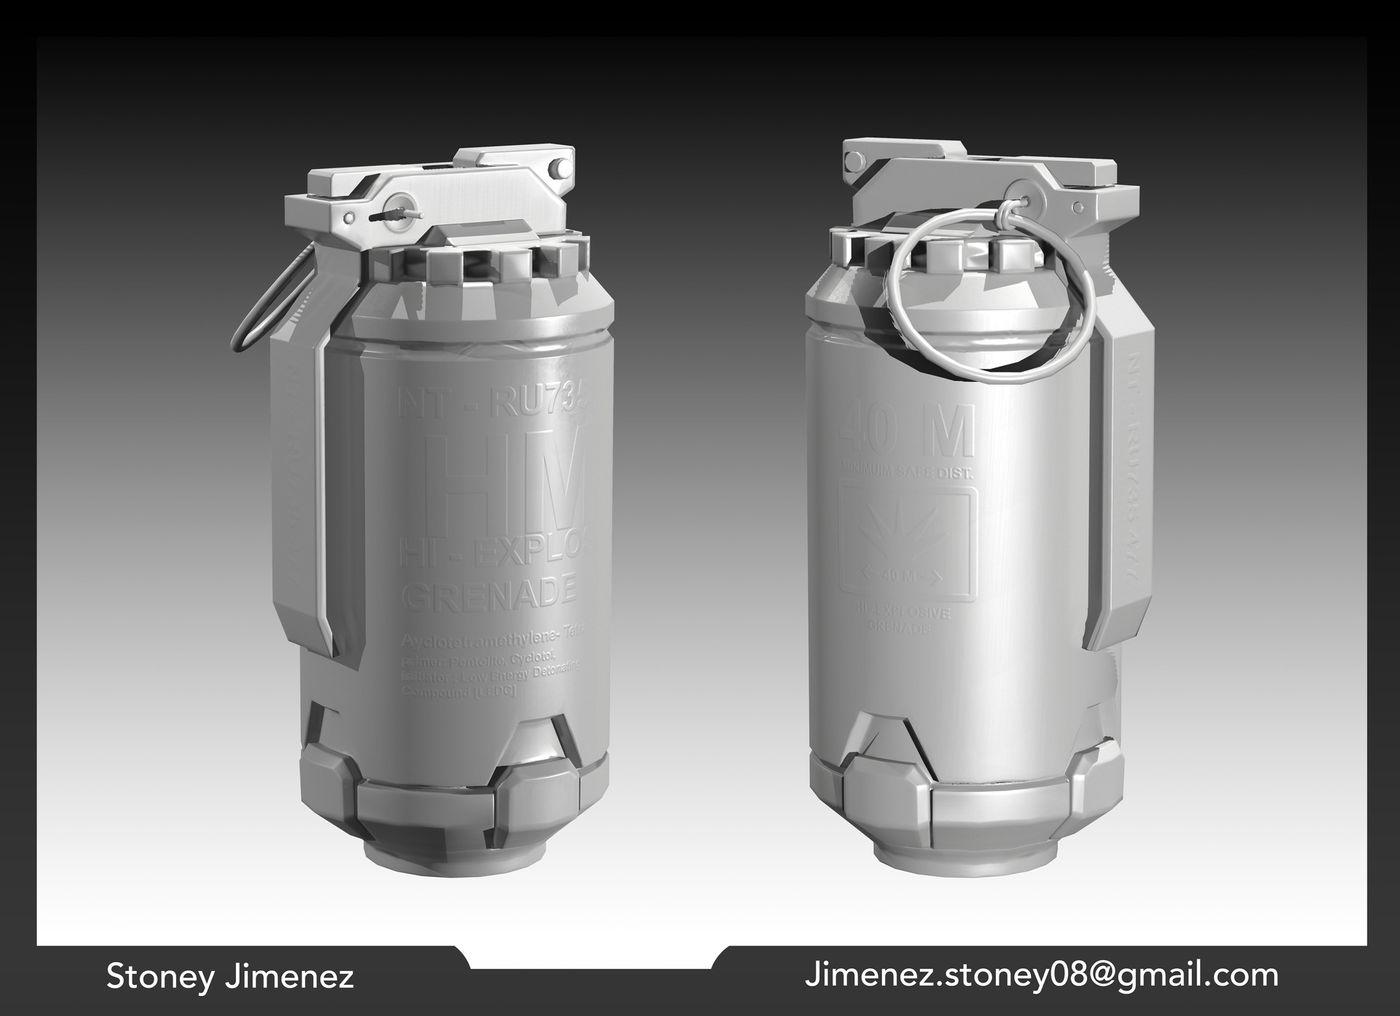 Stoney Jimenez Jimenez Stoney Grenade1 Gray Stoney08